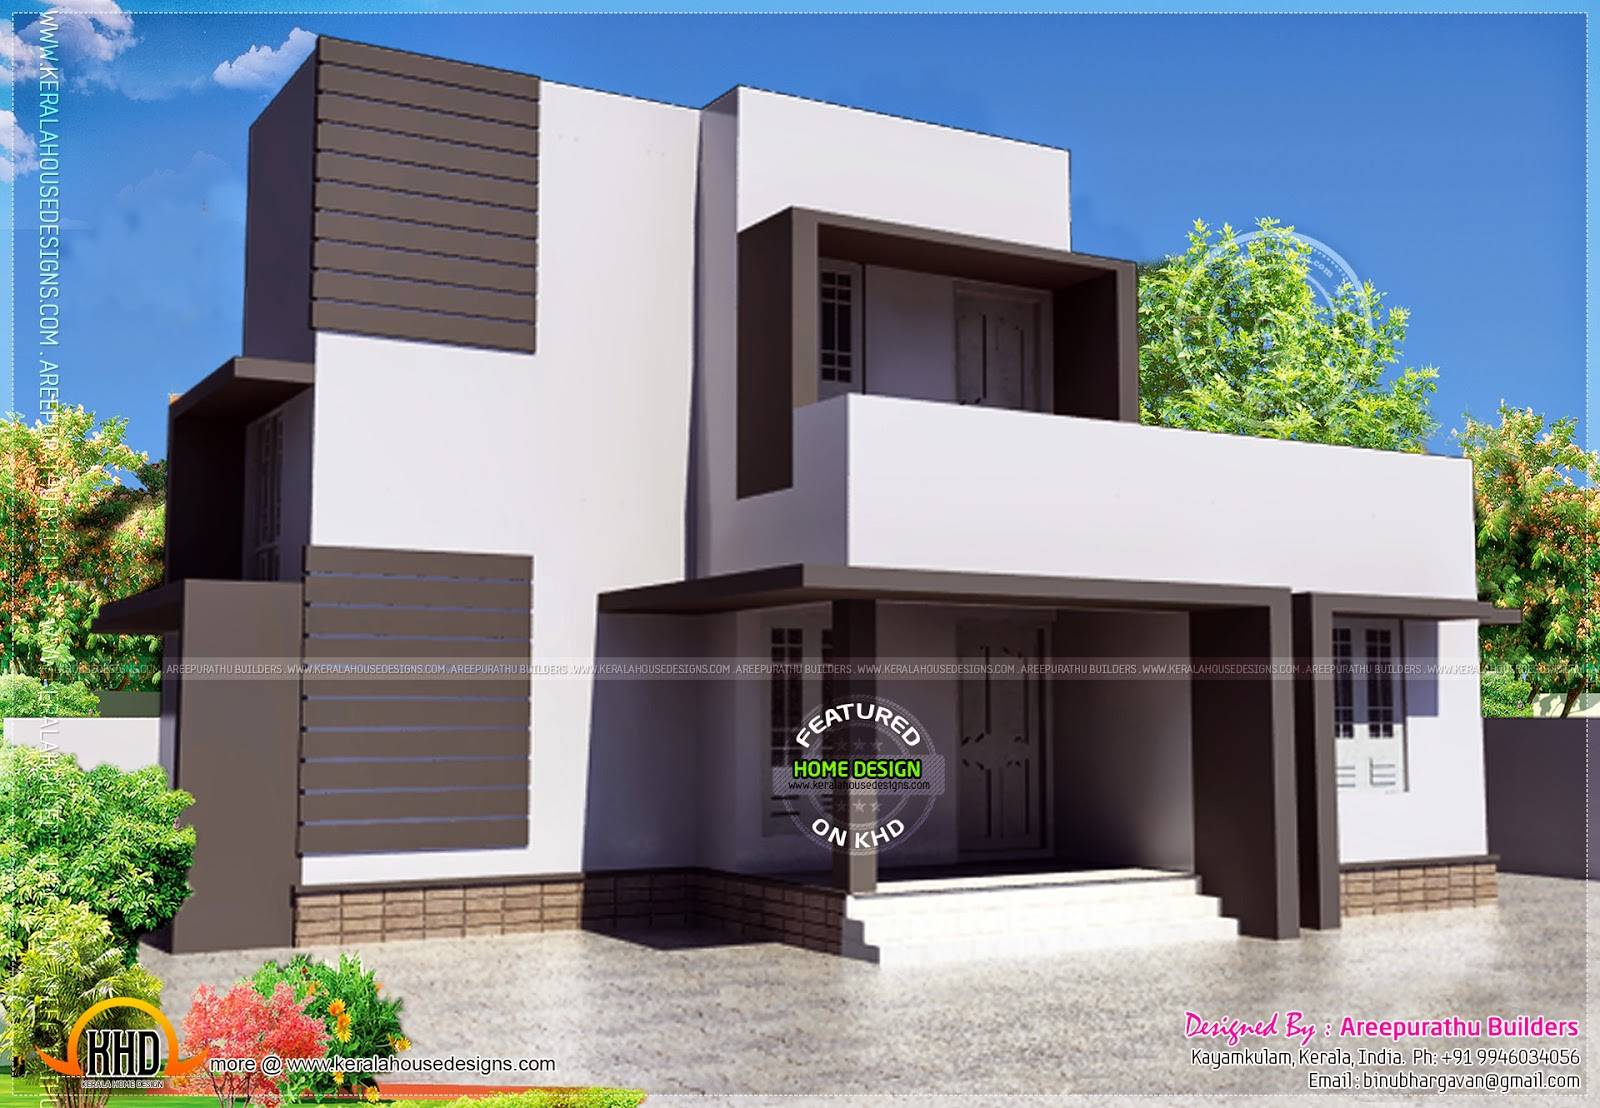 Simple Modern House Design Brucall House Plans 101244,Bathroom Floor Tile Design Ideas For Small Bathrooms